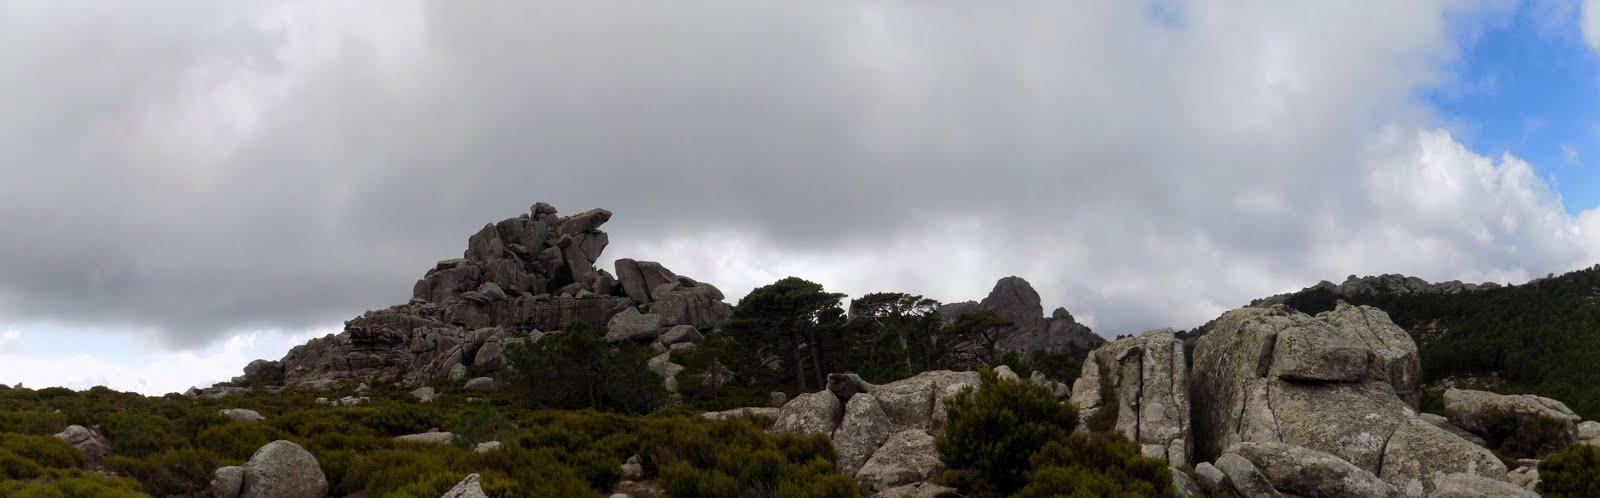 La montée vers le Capelluciu par le NE (photo Olivier Hespel)